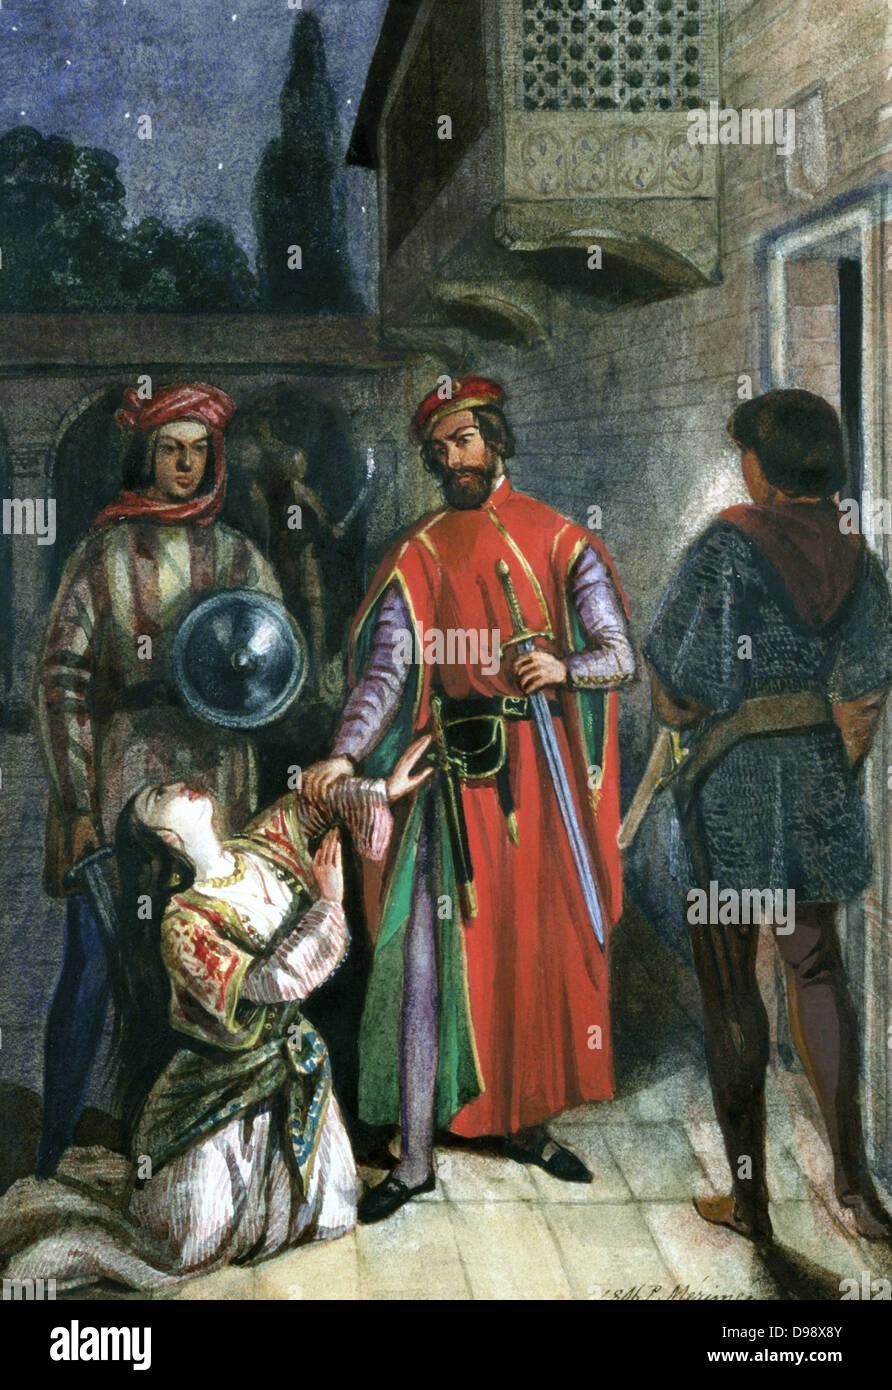 La Supplica'. Acquerello. Pittura storica da Propsper Merimee (1803-1870) Frenh drammaturgo, storico ed archeologo. Foto Stock